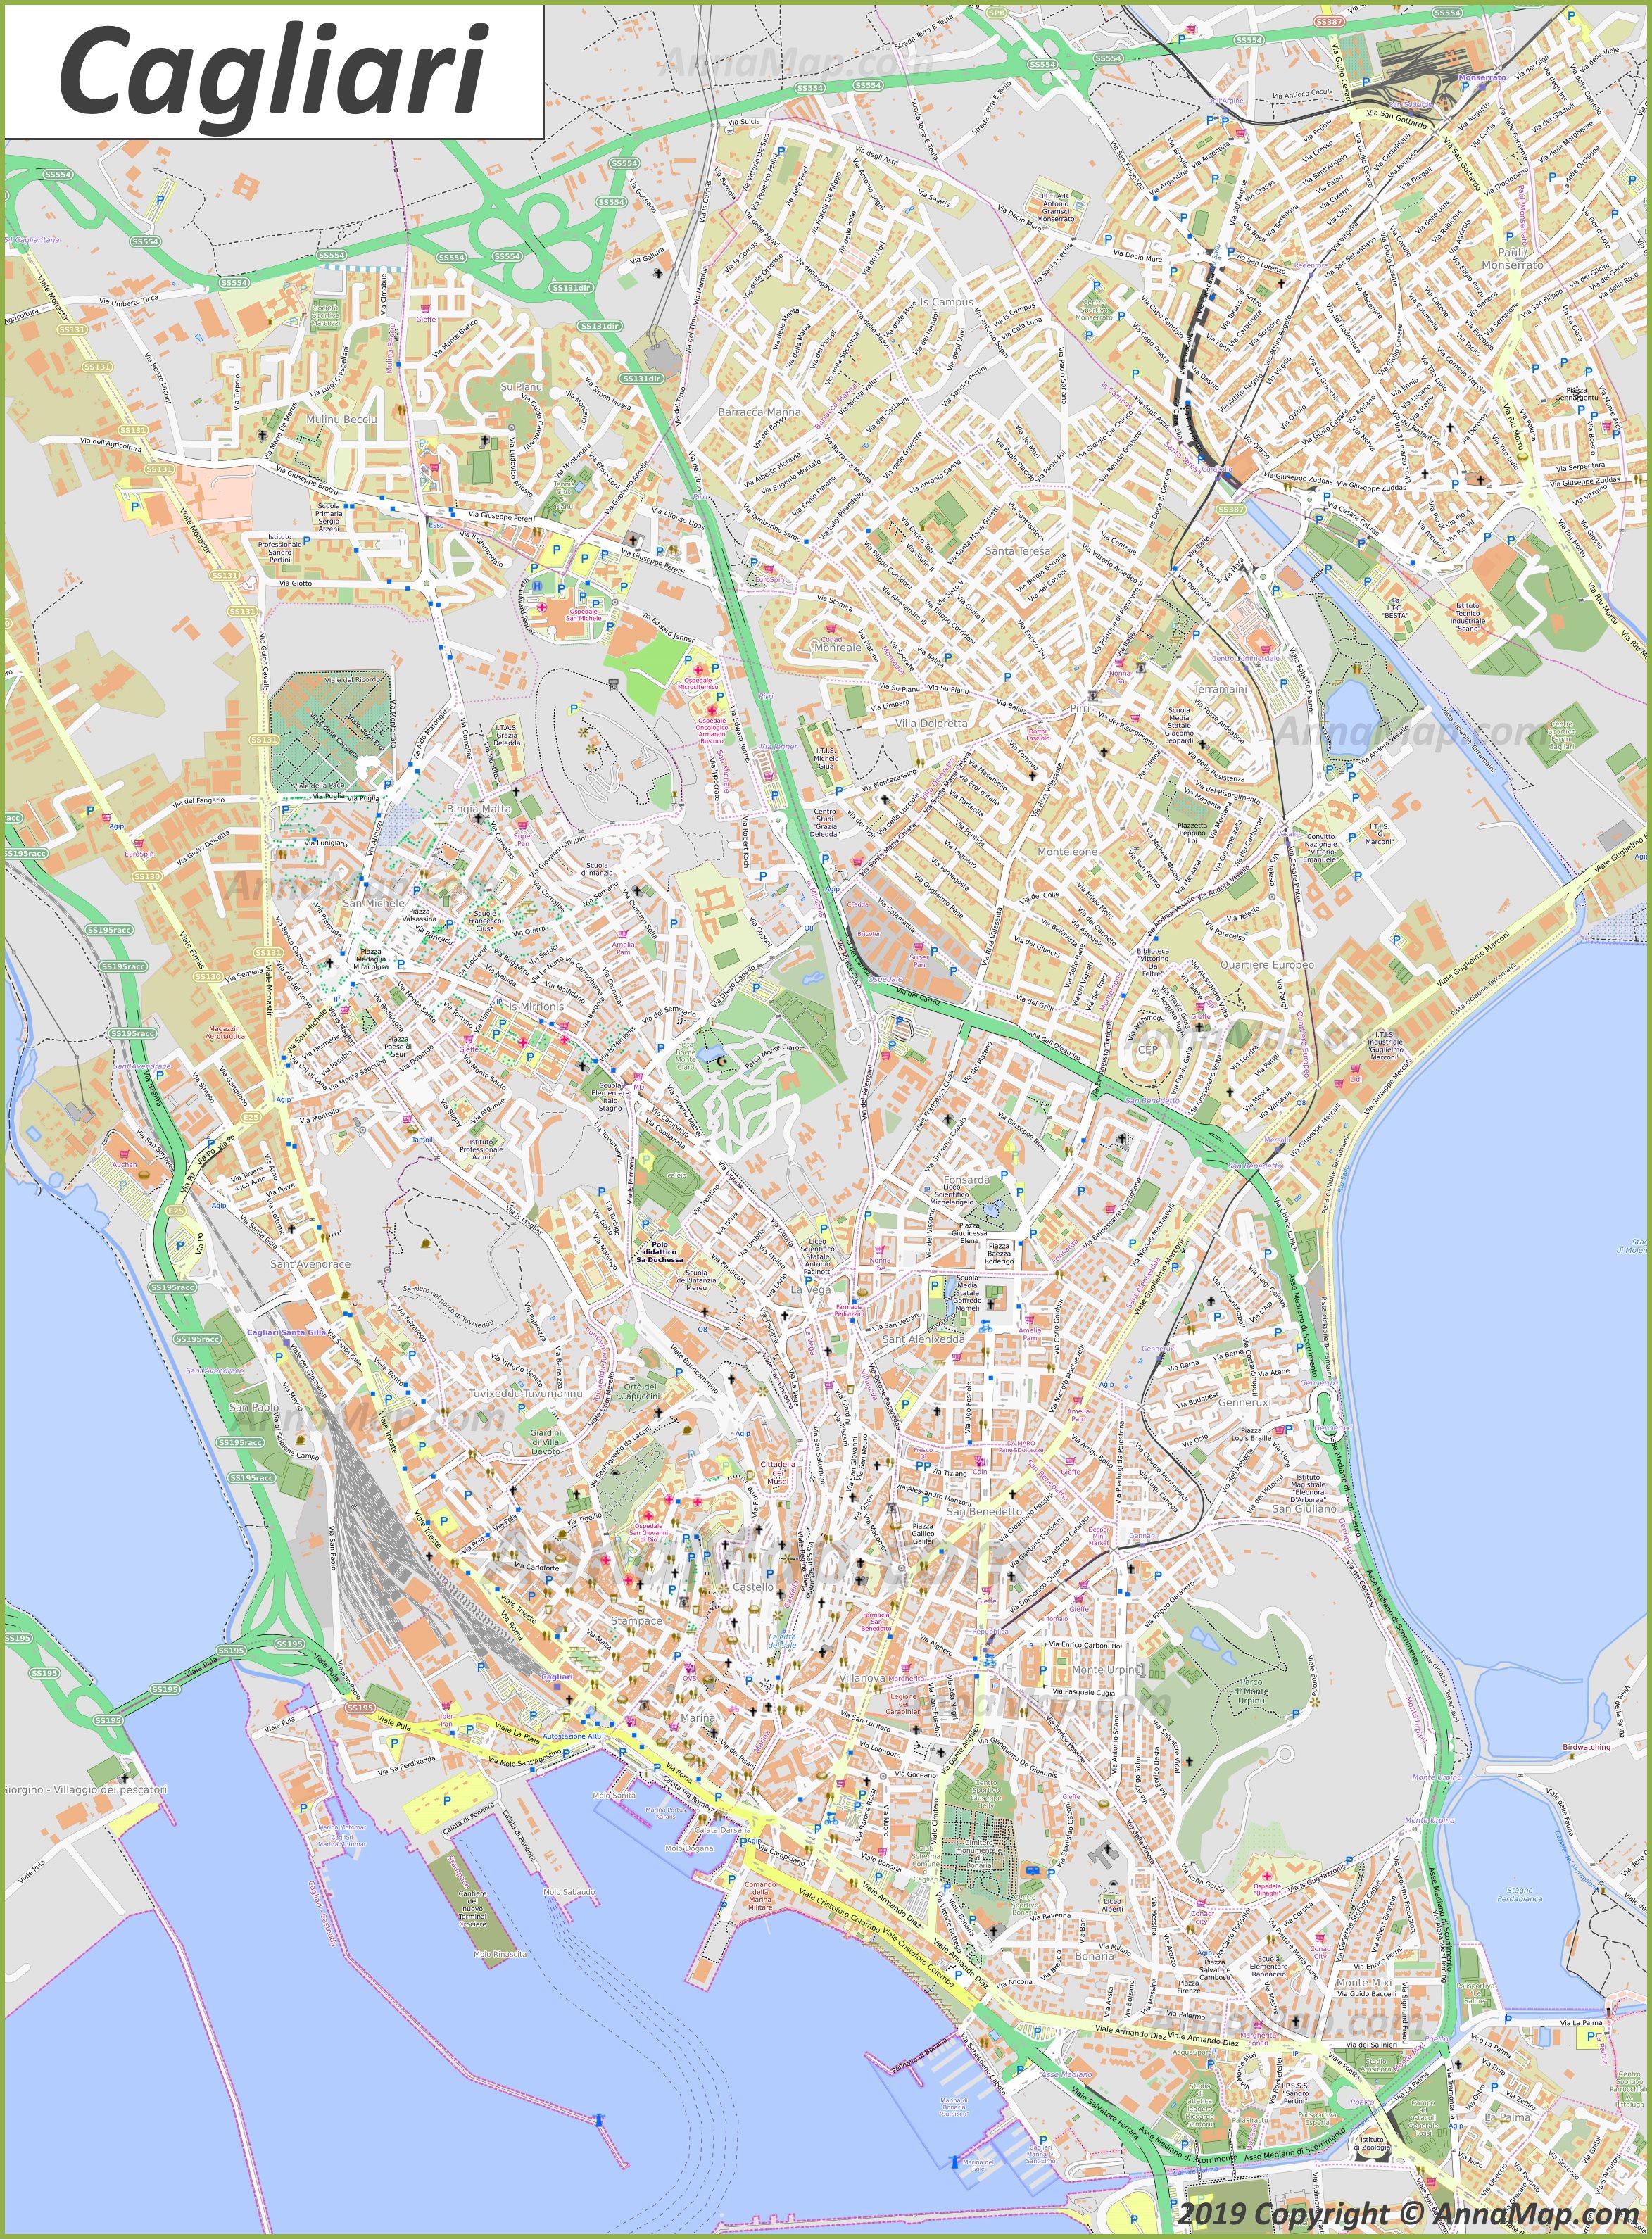 Cartina Geografica Di Cagliari.Mappe Turistiche Dettagliate Di Cagliari Italia Mappe Stampabili Gratuite Di Cagliari Annamappa Com